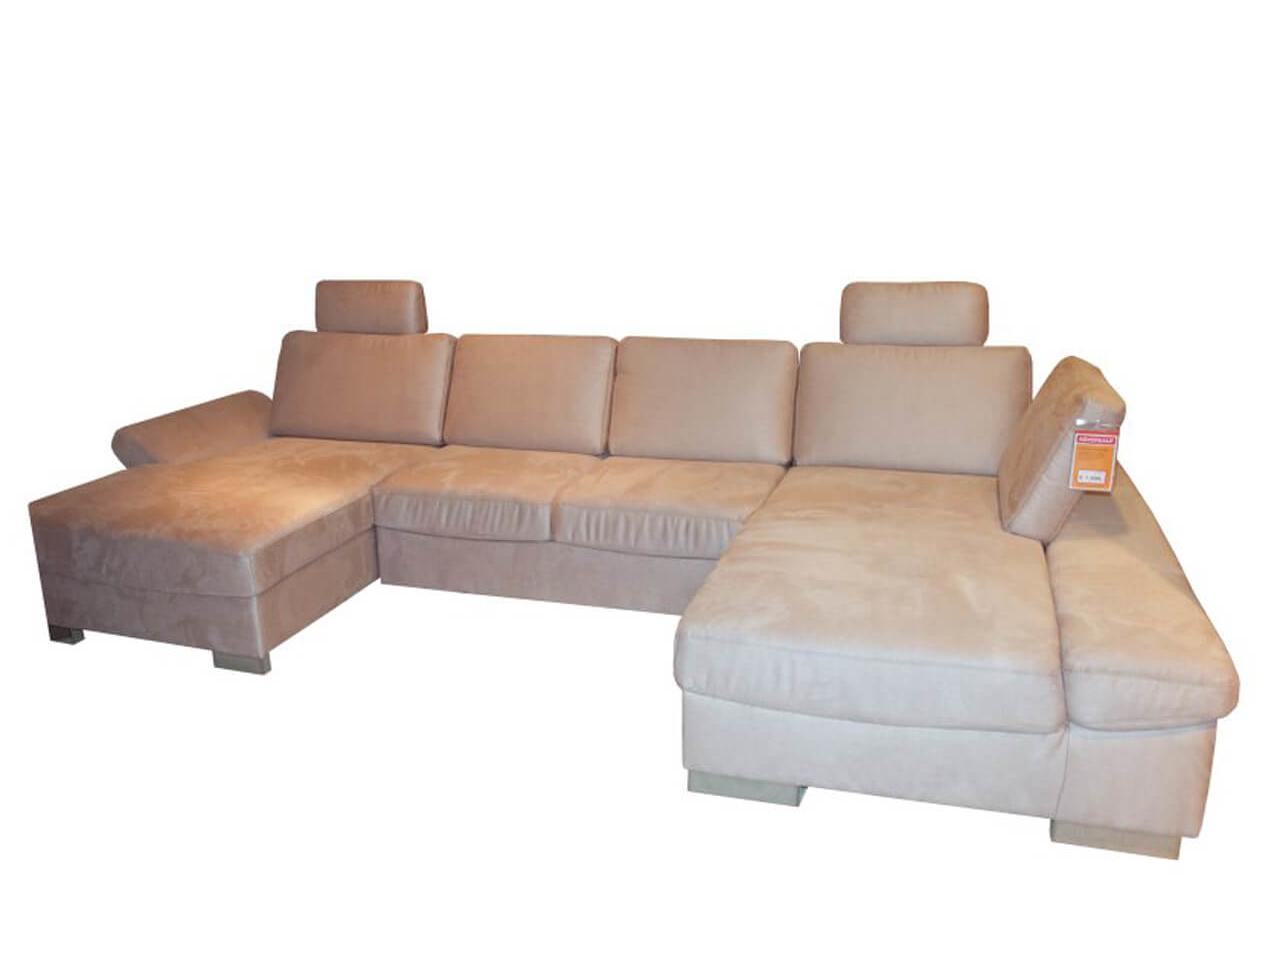 Wohnlandschaft - großes Sofa in U-Form mit hellem Stoffbezug - zum günstigen Preis im Abverkauf